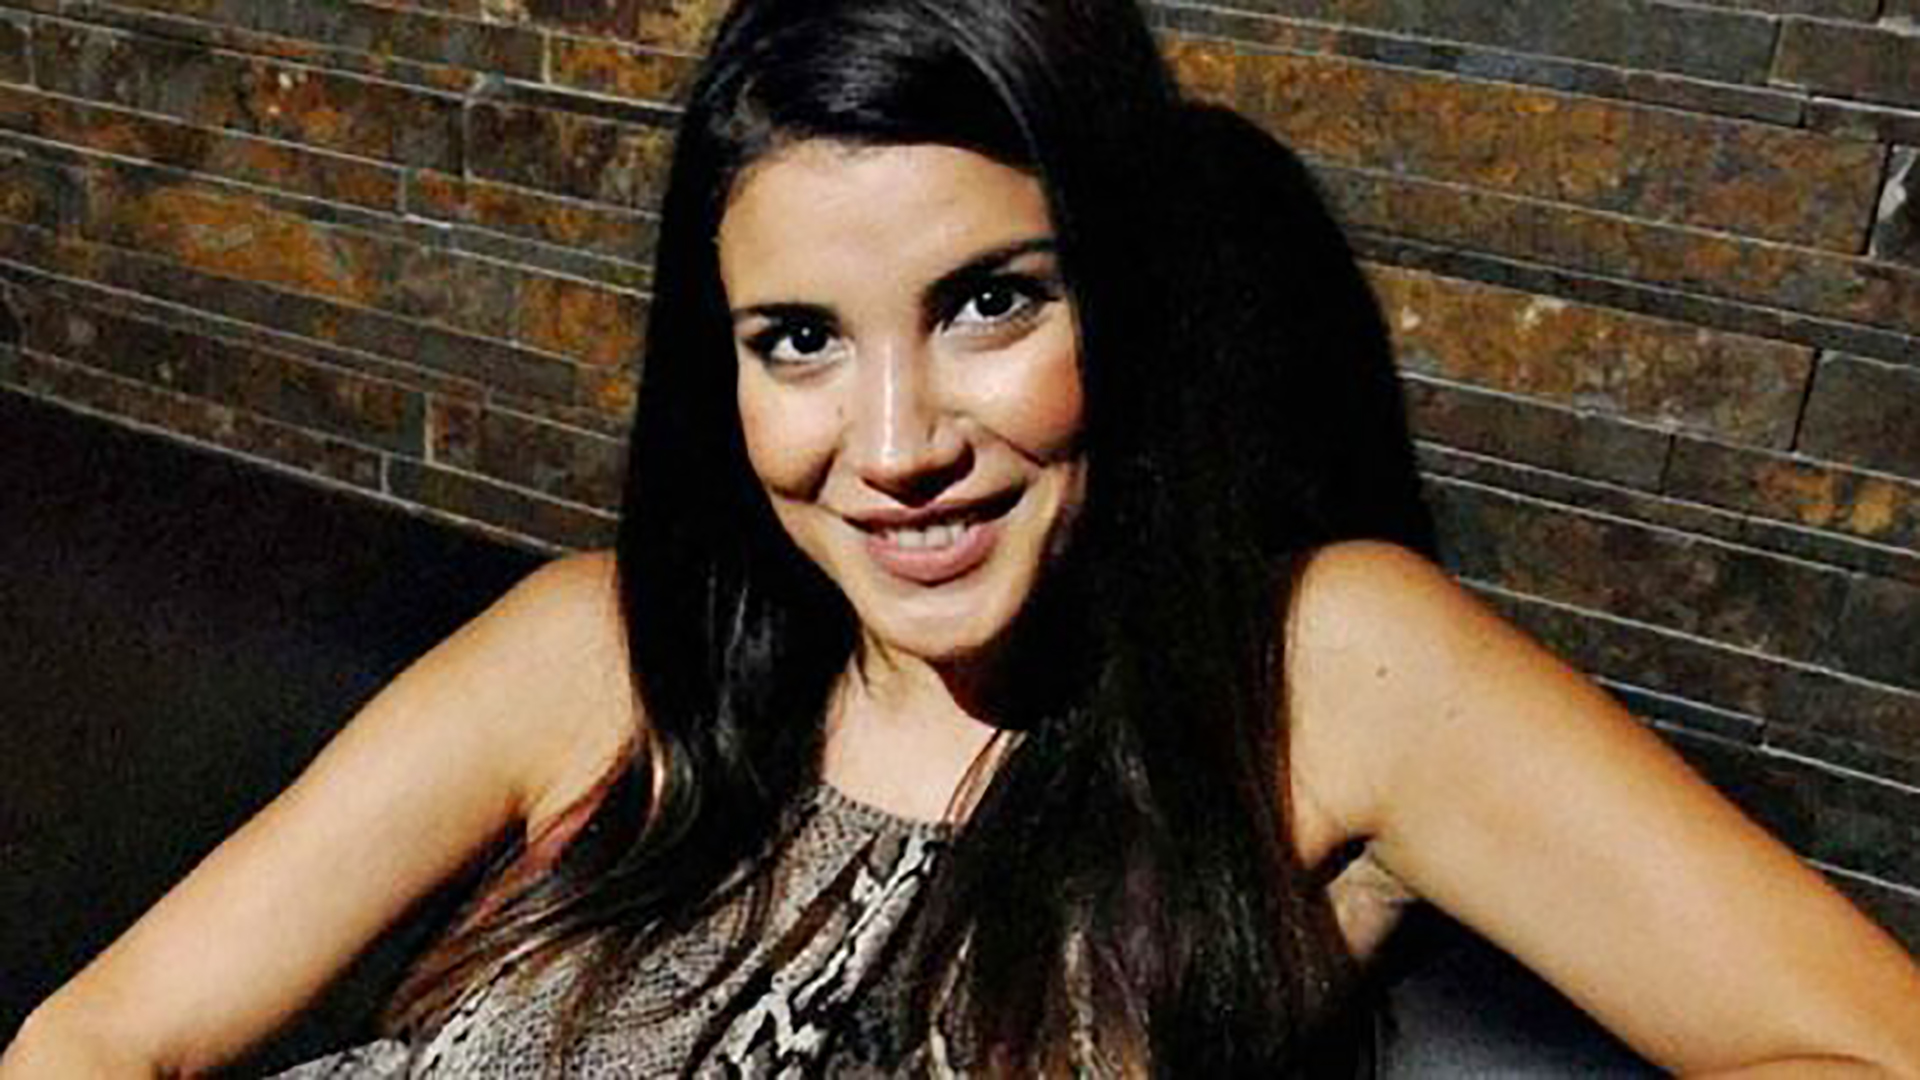 Andrea Rincón